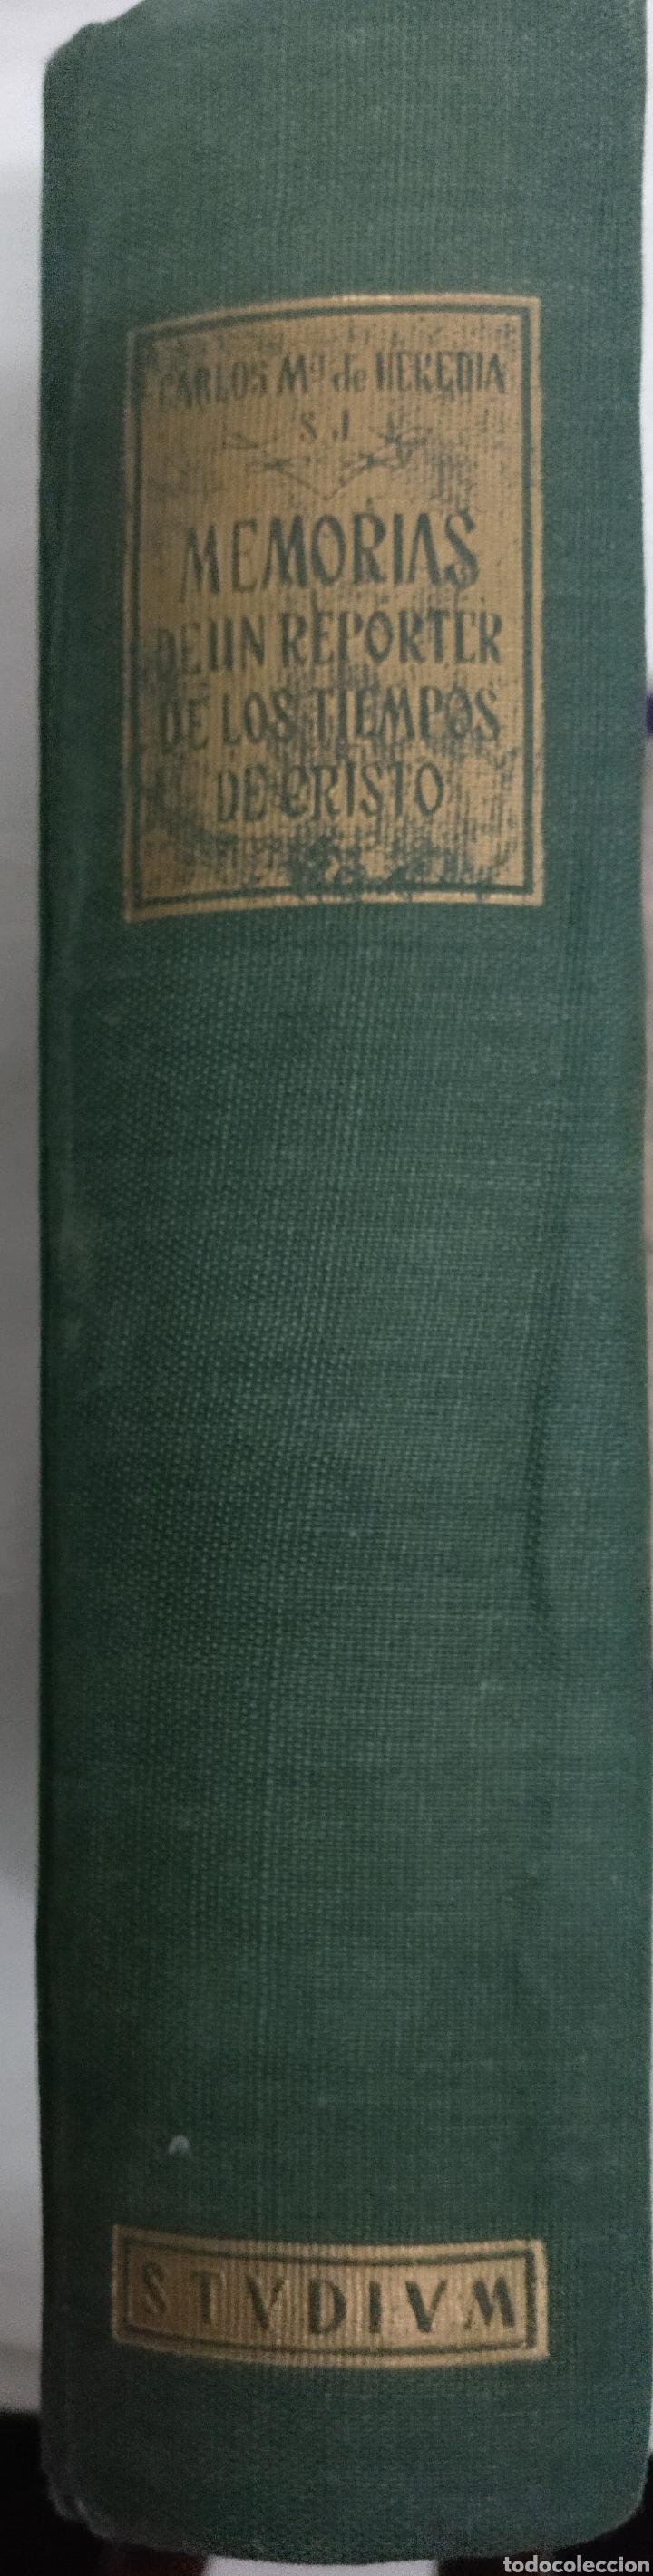 Libros de segunda mano: MEMORIAS DE UN REPORTERO DE LOS TIEMPOS DF CRISTO.2 EDICCIÓN ESPAÑOLA 1956 CARLOS M. DE HEREDIA S.J. - Foto 6 - 222719712